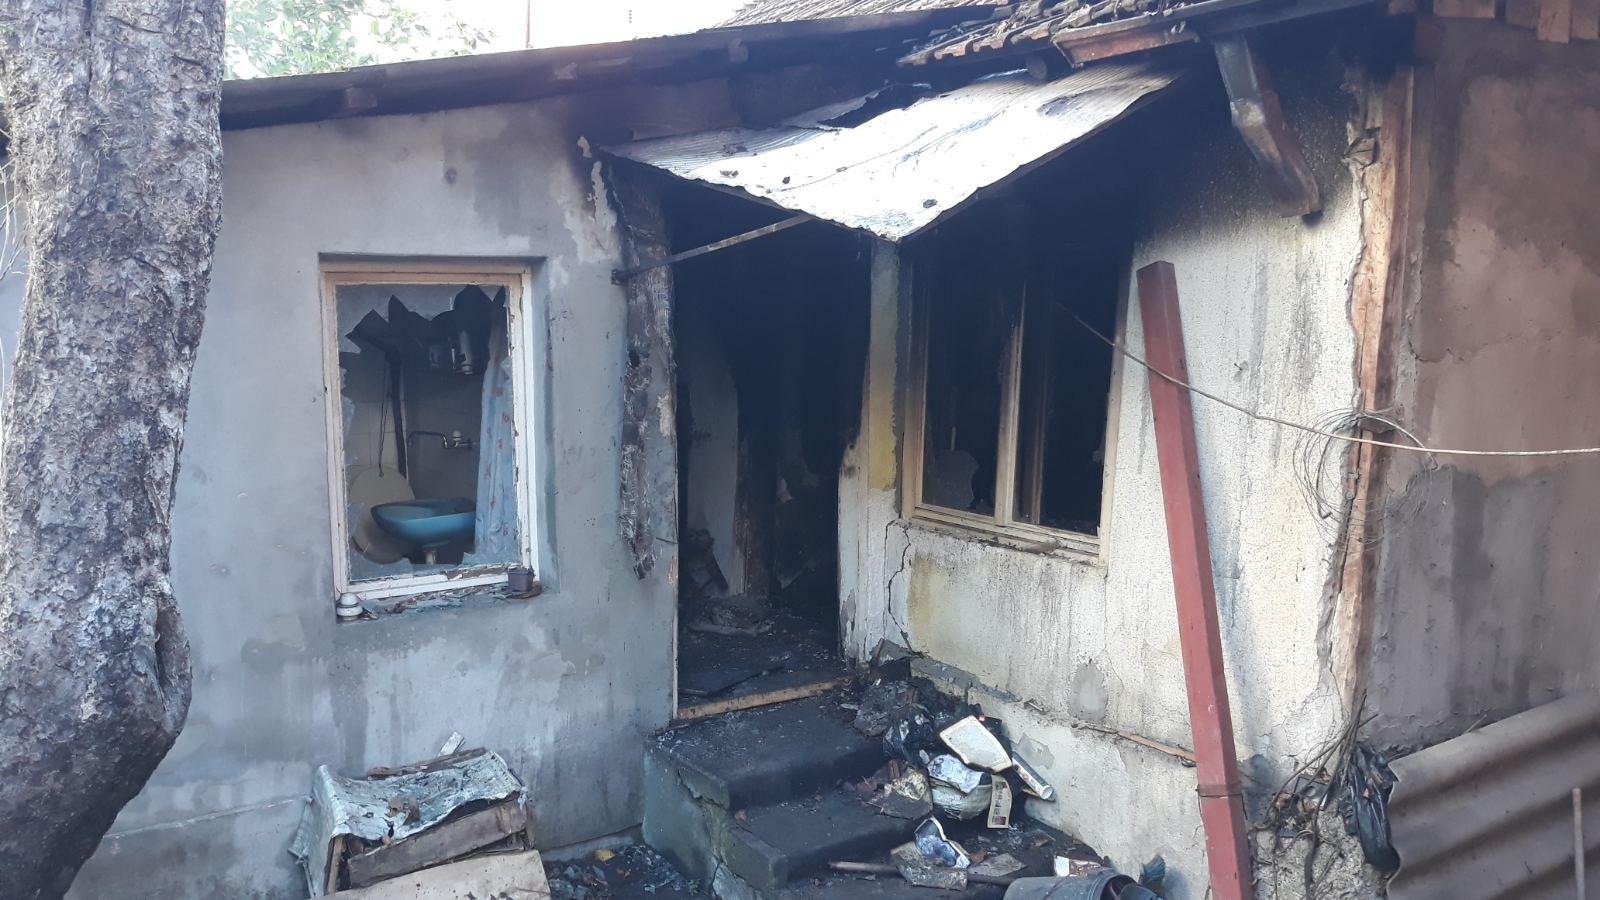 Muškarac izgoreo u požaru u ulici Majke Jugovića u Kruševcu (FOTO + VIDEO)